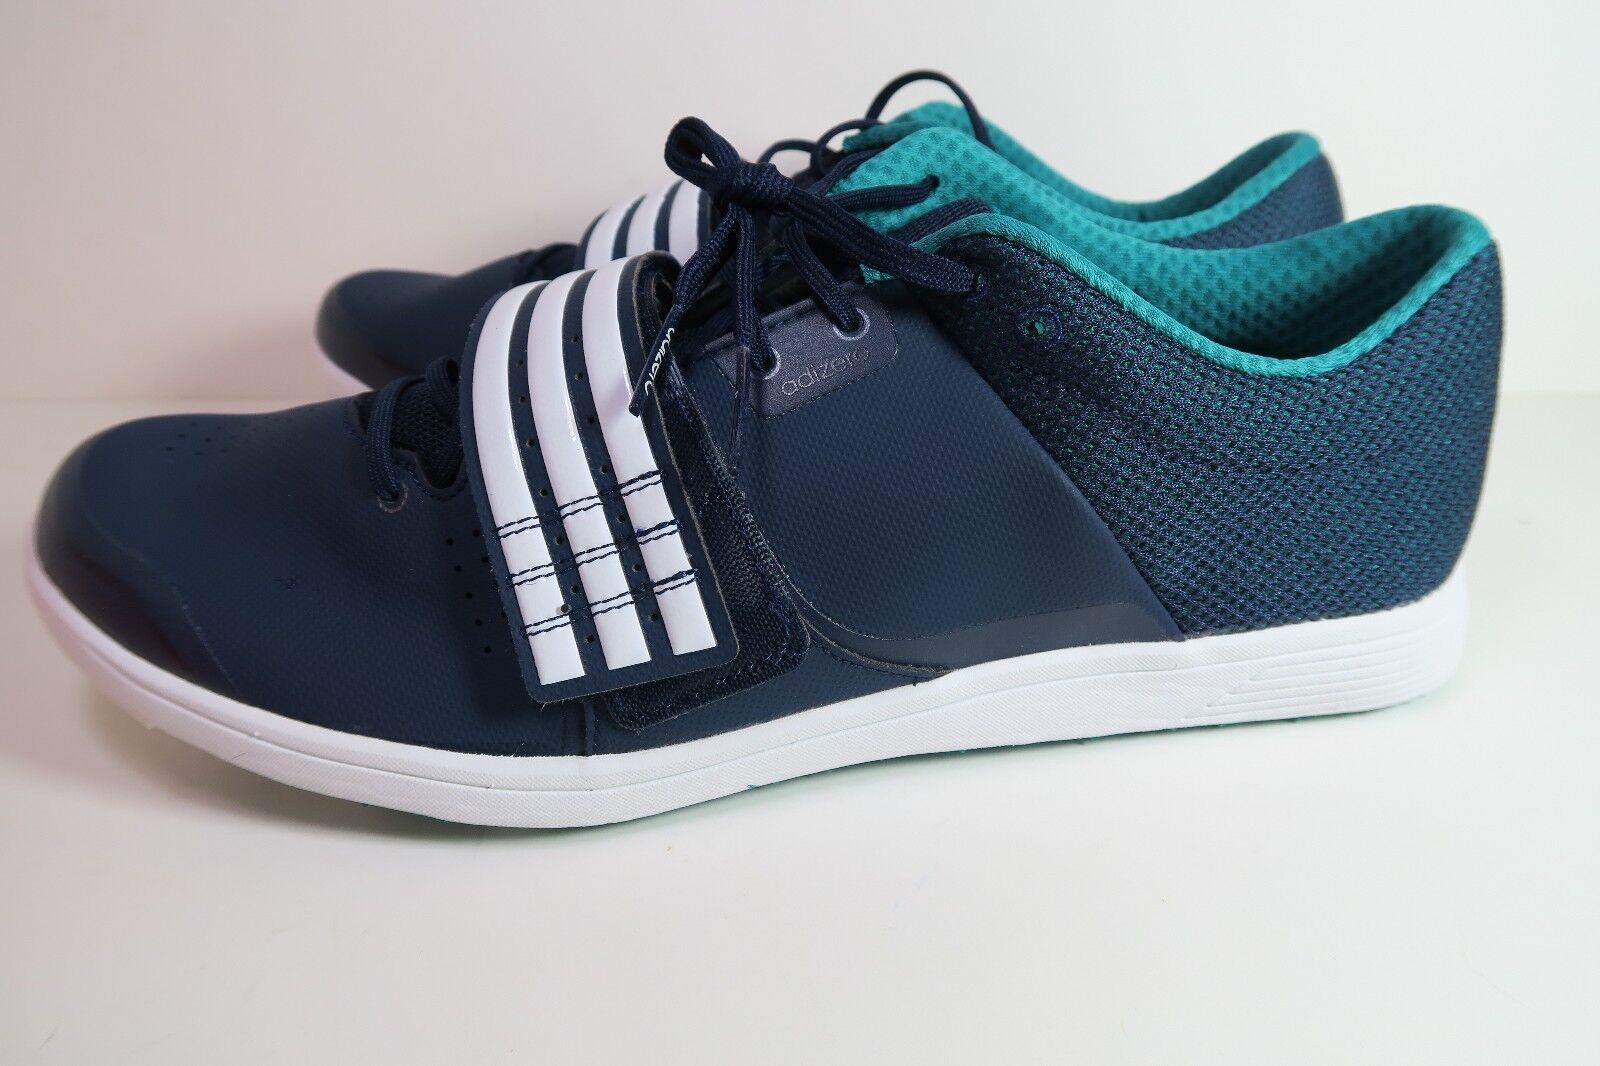 bei springen neuen adidas adizero tj / pv - stabhochsprung springen bei schuhe blaue af5664 größe. fd2d6c